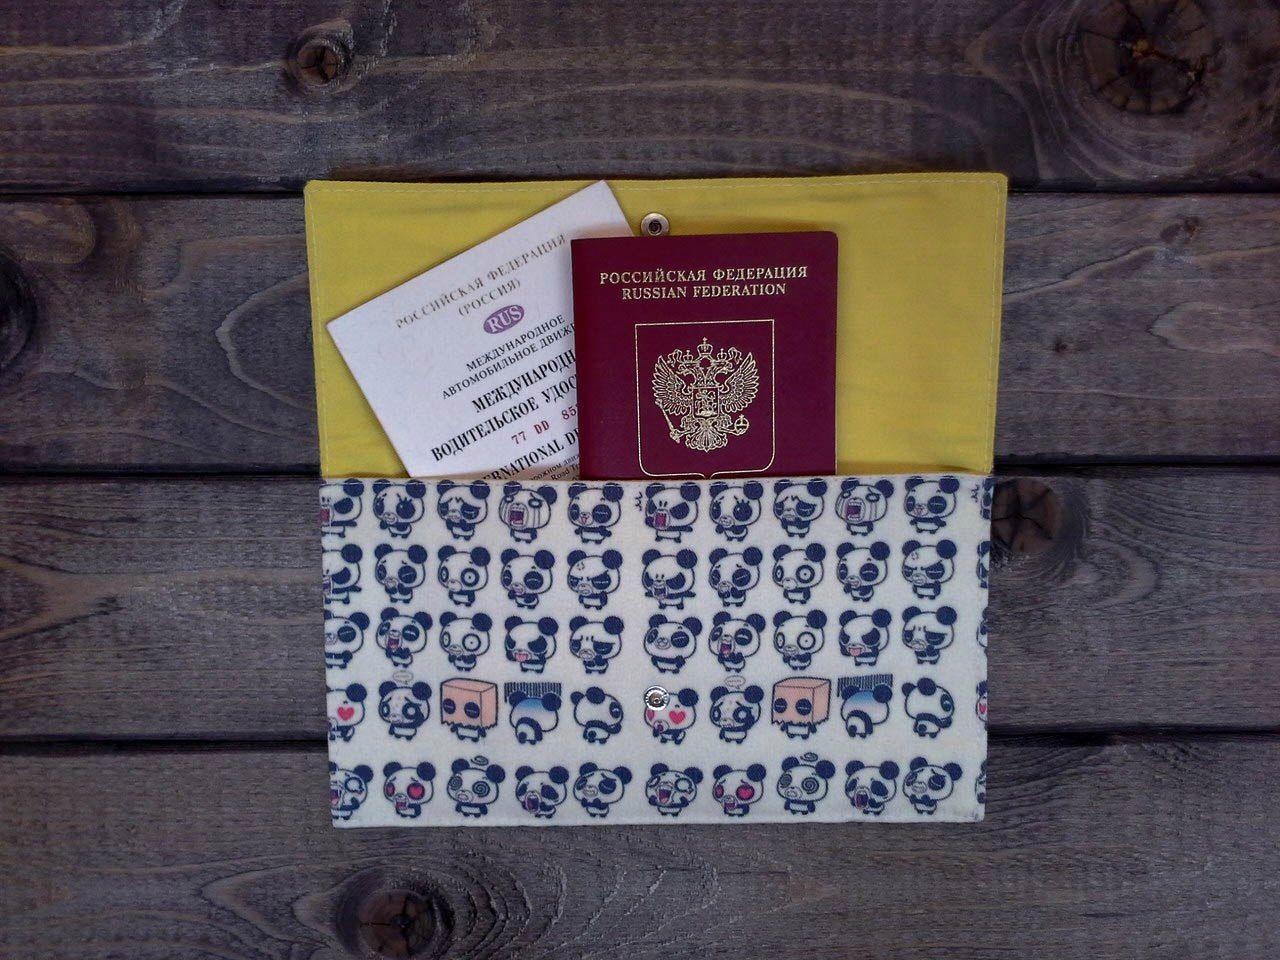 Конверт для путешествий Be PandaПодарки<br>Конверт для путешествий Be Panda<br>Размер: None; Объем: None; Материал: Текстиль, резина; Цвет: Комбинированный;